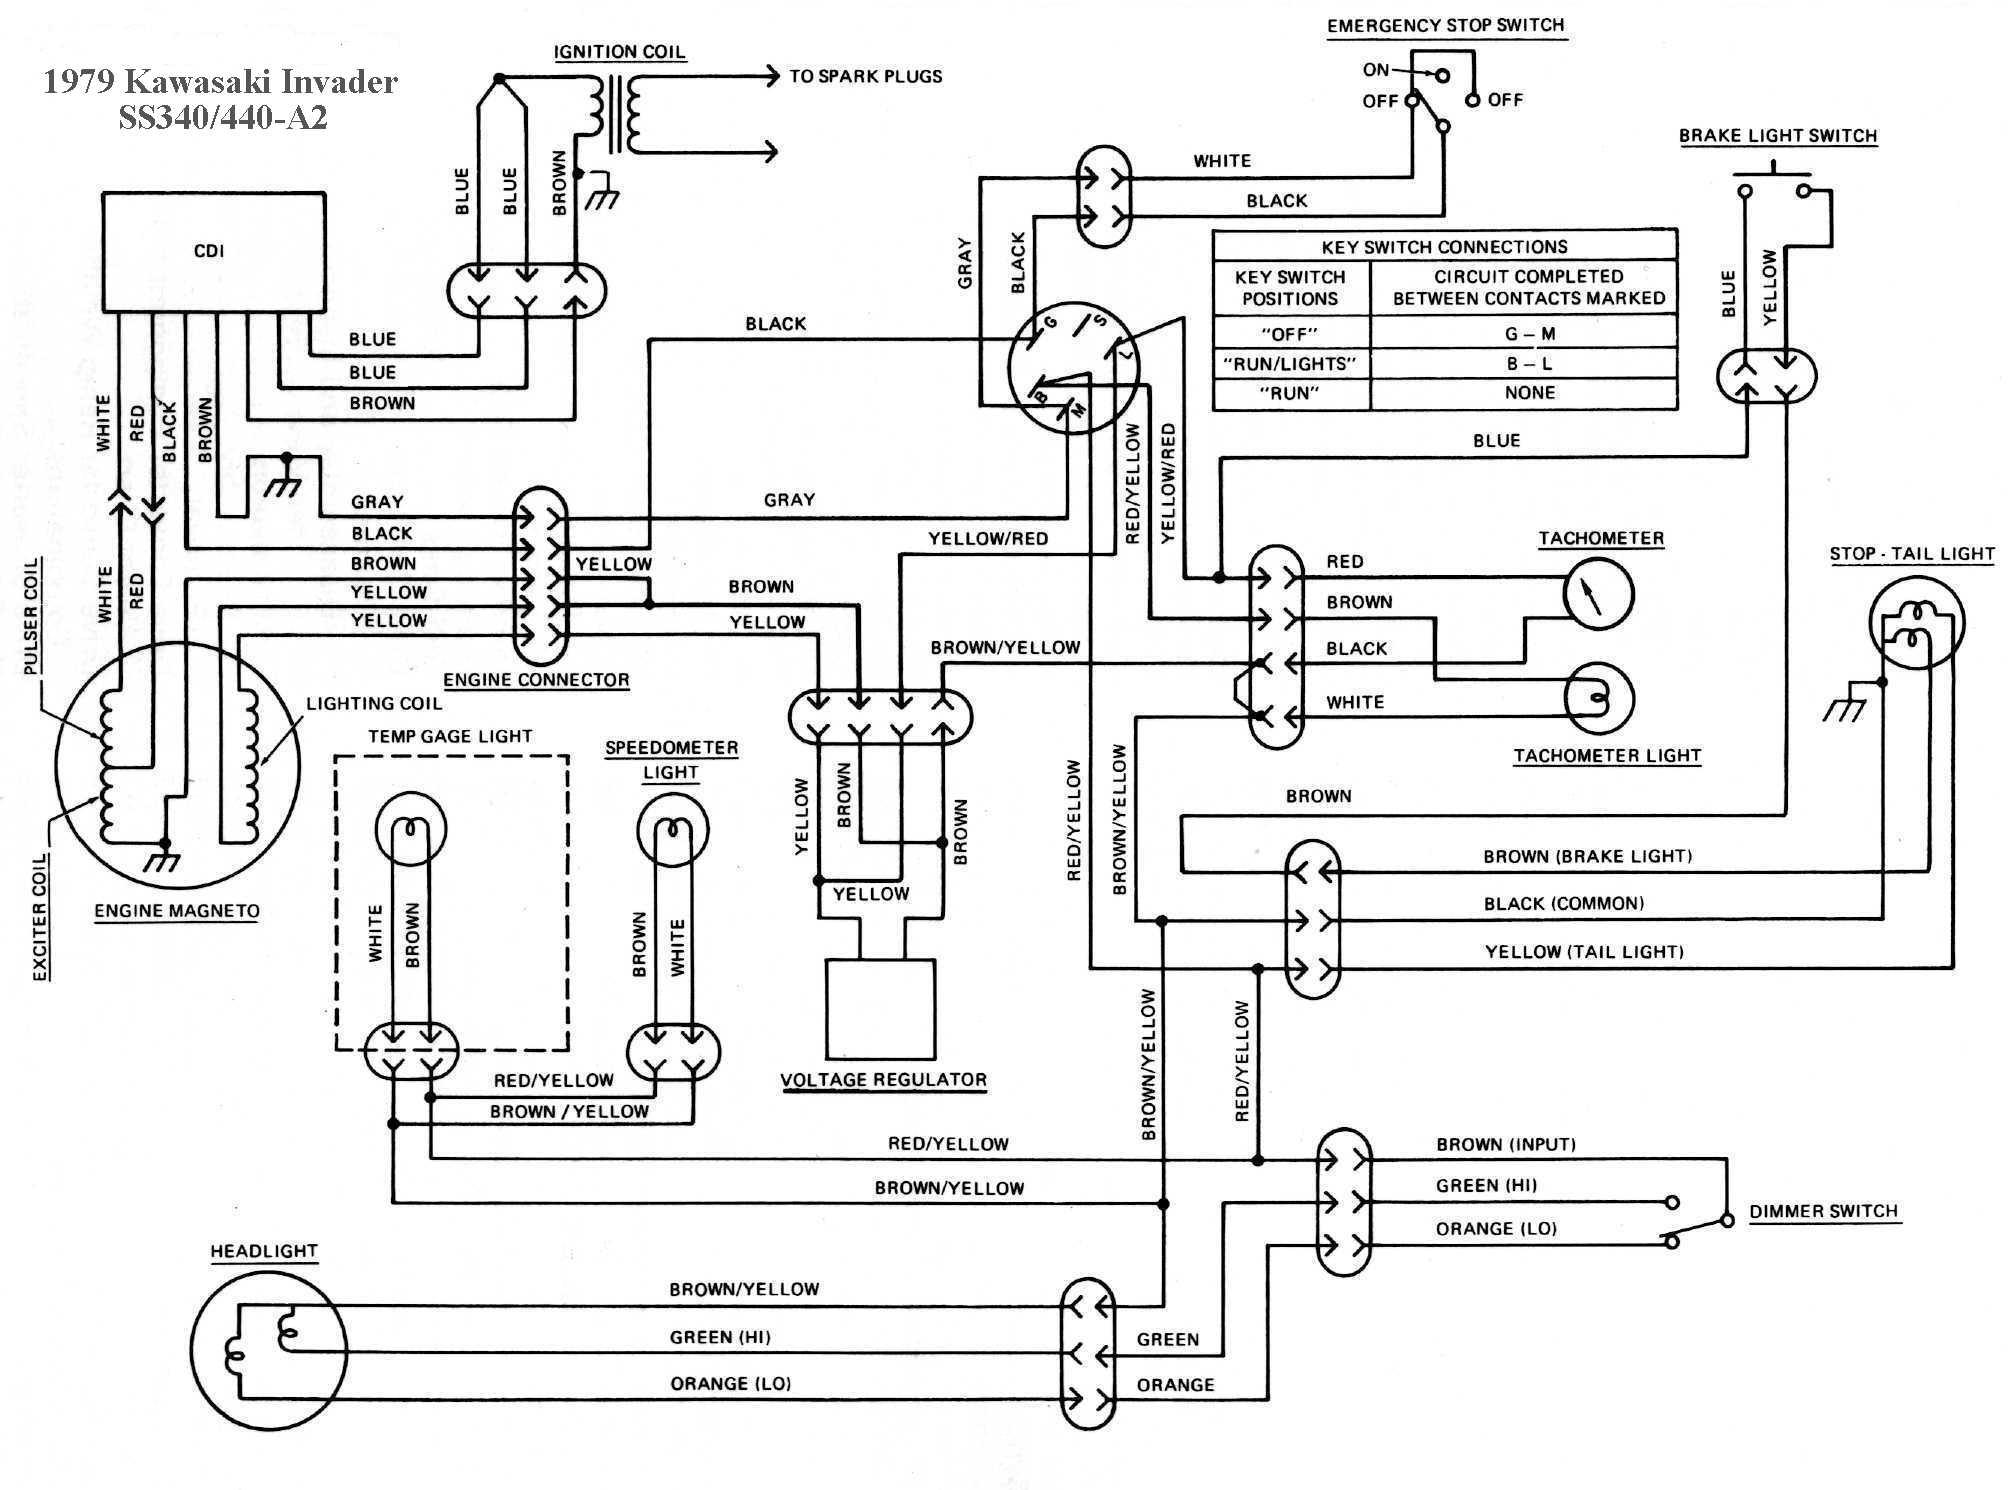 Wiring Diagram Kawasaki Bayou